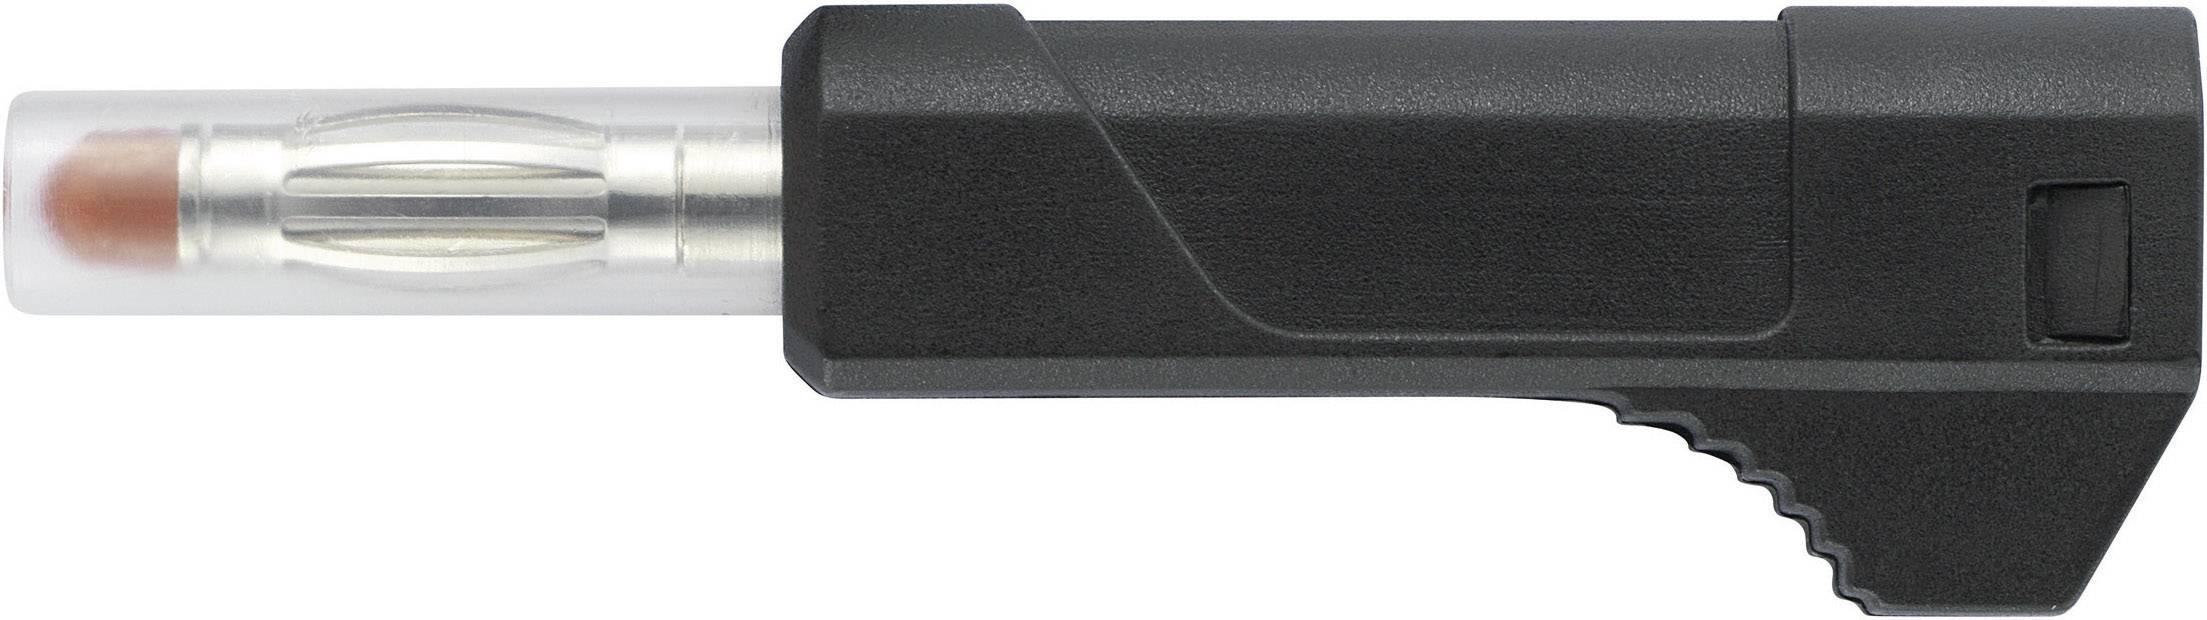 Mini lamelová zástrčka TRU COMPONENTS TC-R8-103 BL – zástrčka, rovná, Ø hrotu: 4 mm, modrá, 1 ks